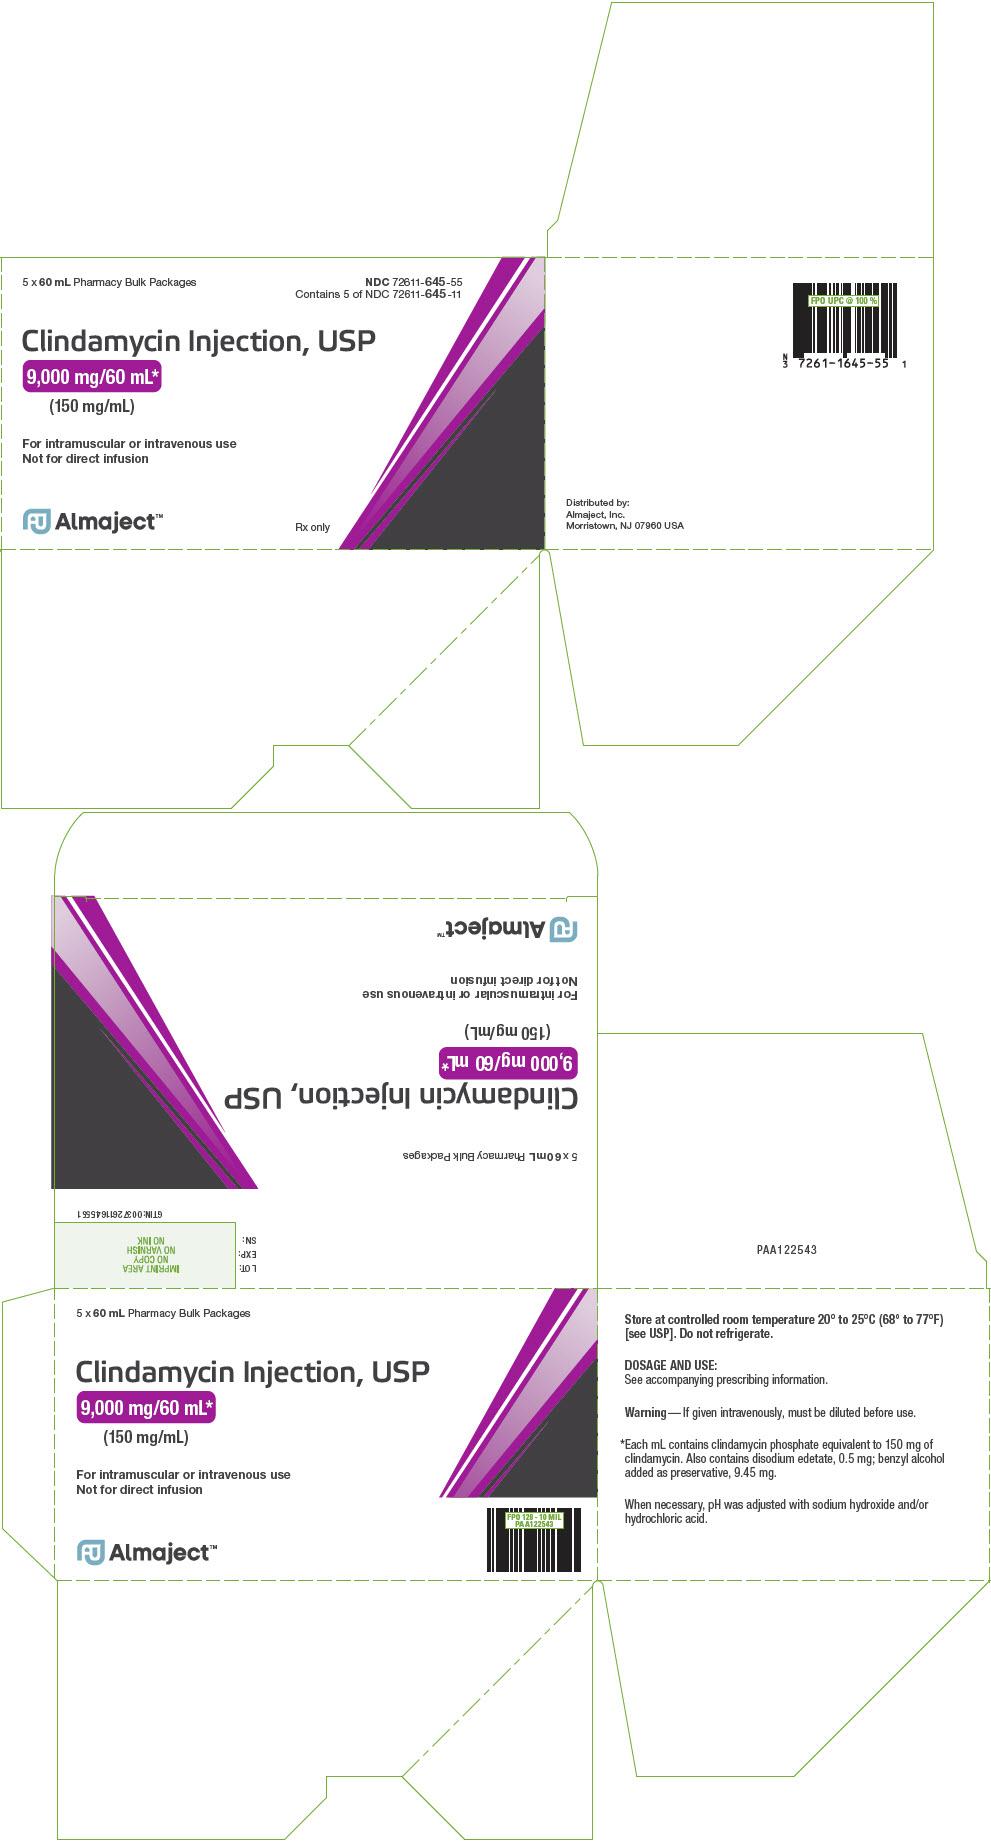 PRINCIPAL DISPLAY PANEL - 60 mL Vial Carton